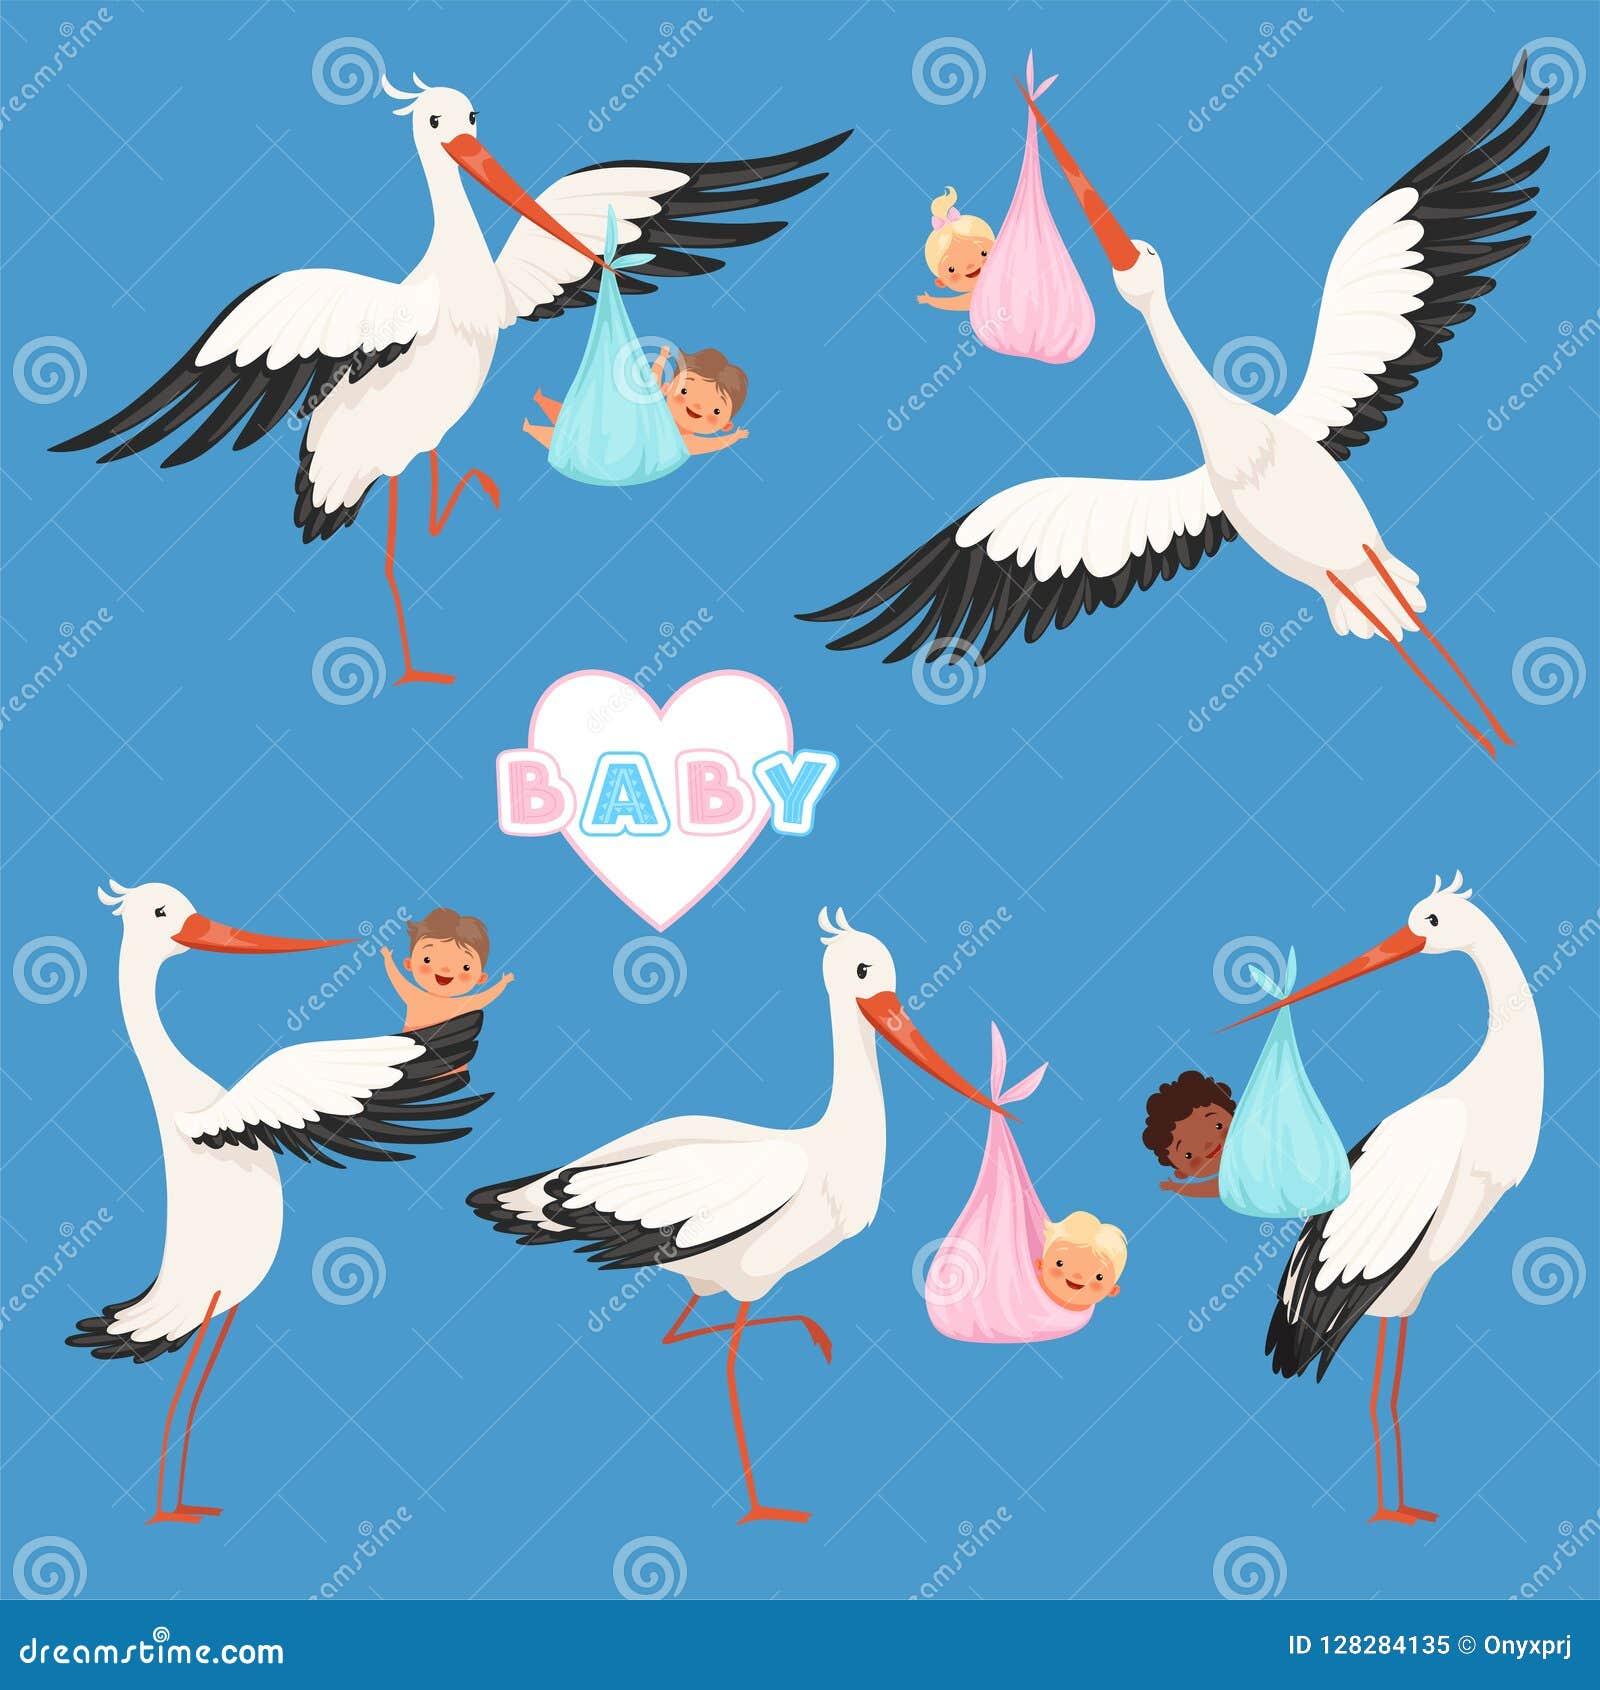 Toute une nouvelle  B%C3%A9b%C3%A9-de-cigogne-vol-le-vecteur-mignon-nouveau-n%C3%A9-petits-enfants-la-livraison-d-oiseau-portent-des-caract%C3%A8res-isolement-128284135